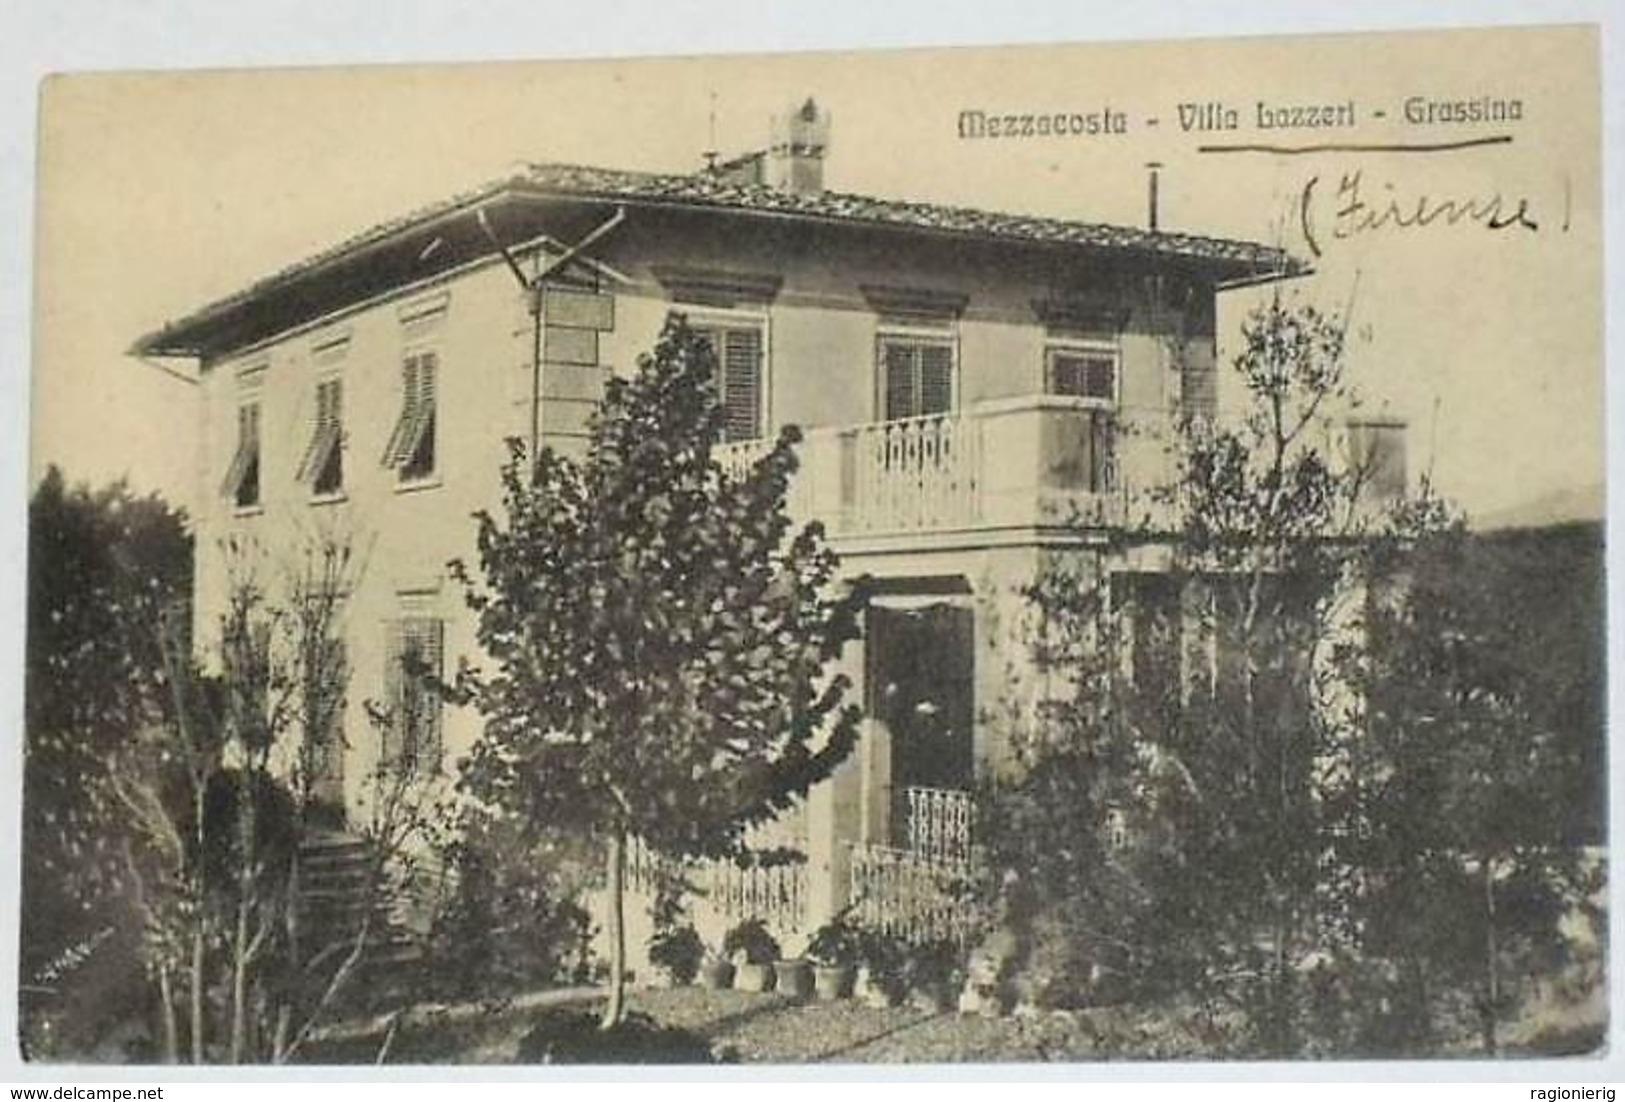 FIRENZE - Mezzacosta - Bagno A Ripoli - Frazione Grassina - Villa Lazzeri - 1916 - Firenze (Florence)